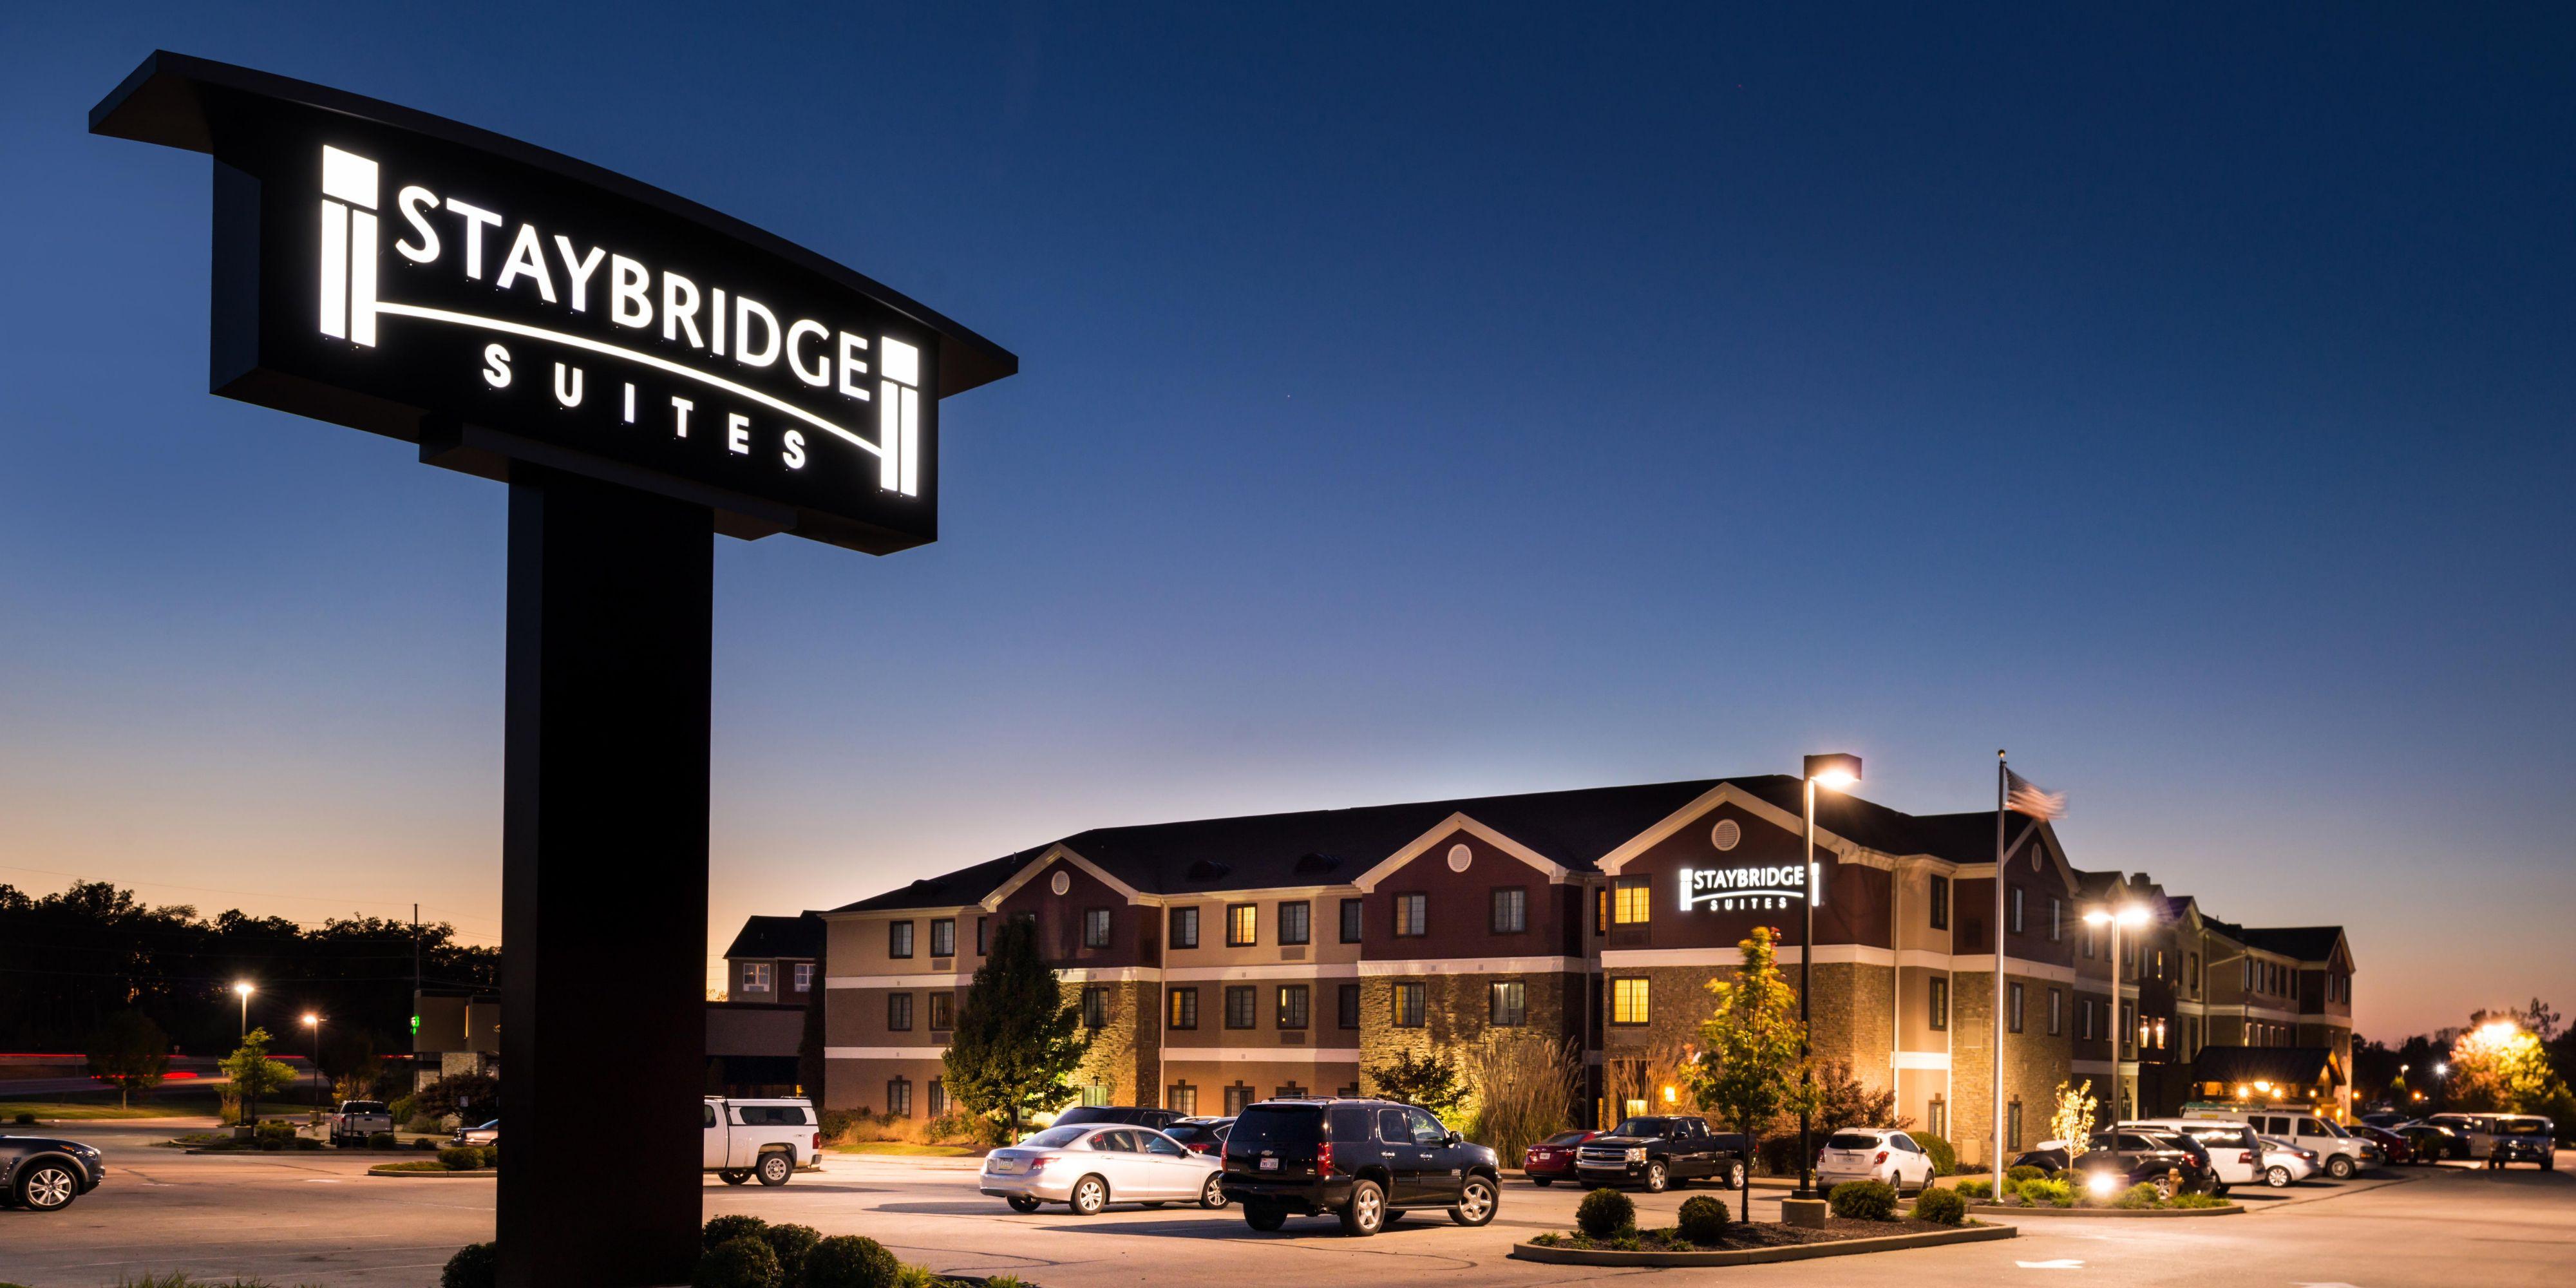 Staybridge Suites Ofallon Chesterfield O Fallon Missouri